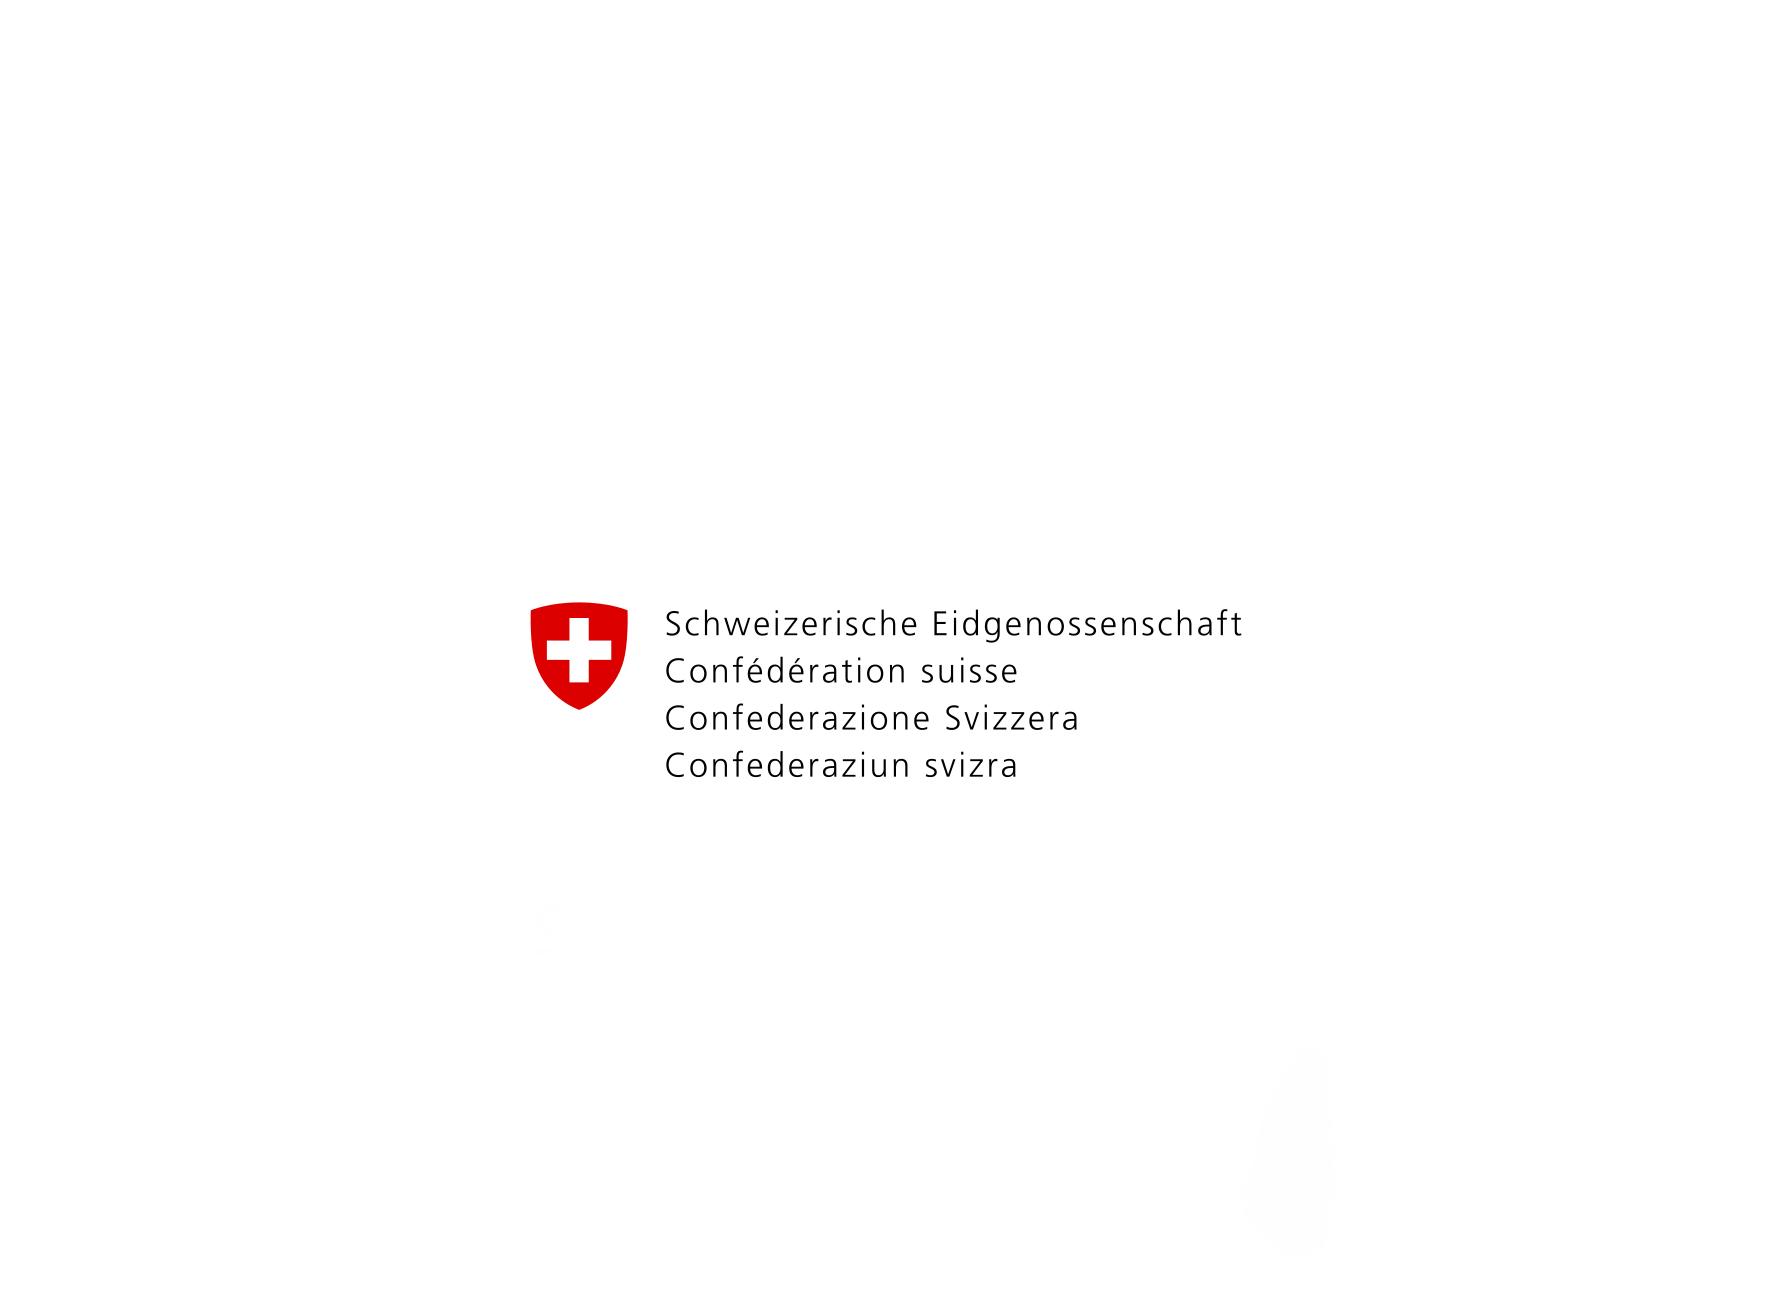 Stipendije za doktorske, postdoktorske i istraživačke projekte u Švicarskoj